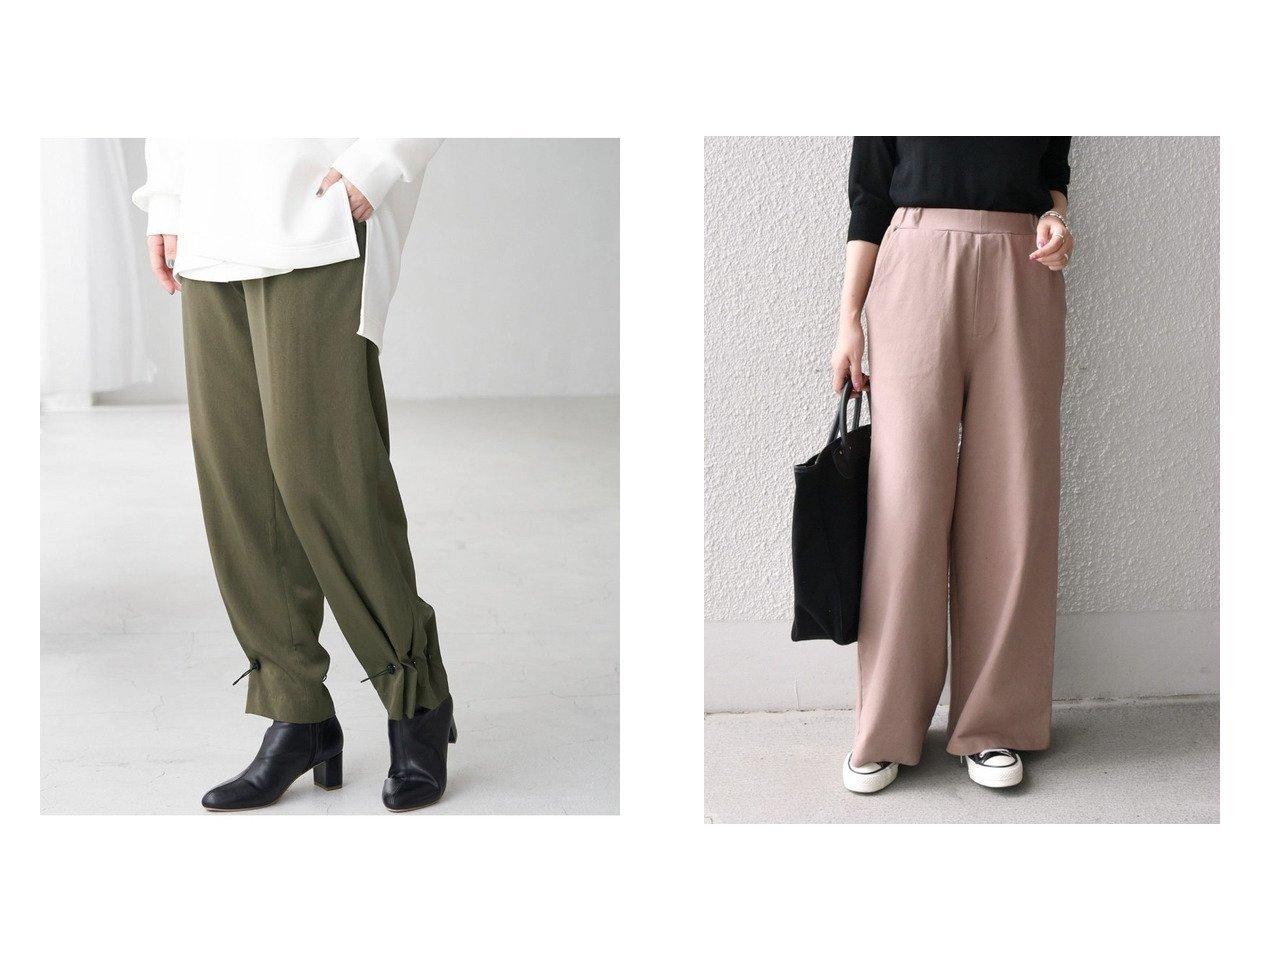 【SHIPS any/シップス エニィ】のSHIPS any ジャージー パンツ&【Rope Picnic/ロペピクニック】の裾ドロストイージーパンツ パンツのおすすめ!人気、トレンド・レディースファッションの通販 おすすめで人気の流行・トレンド、ファッションの通販商品 メンズファッション・キッズファッション・インテリア・家具・レディースファッション・服の通販 founy(ファニー) https://founy.com/ ファッション Fashion レディースファッション WOMEN パンツ Pants ジーンズ ドローコード ポケット ラベンダー ジャージー セットアップ リラックス ワイド  ID:crp329100000014947